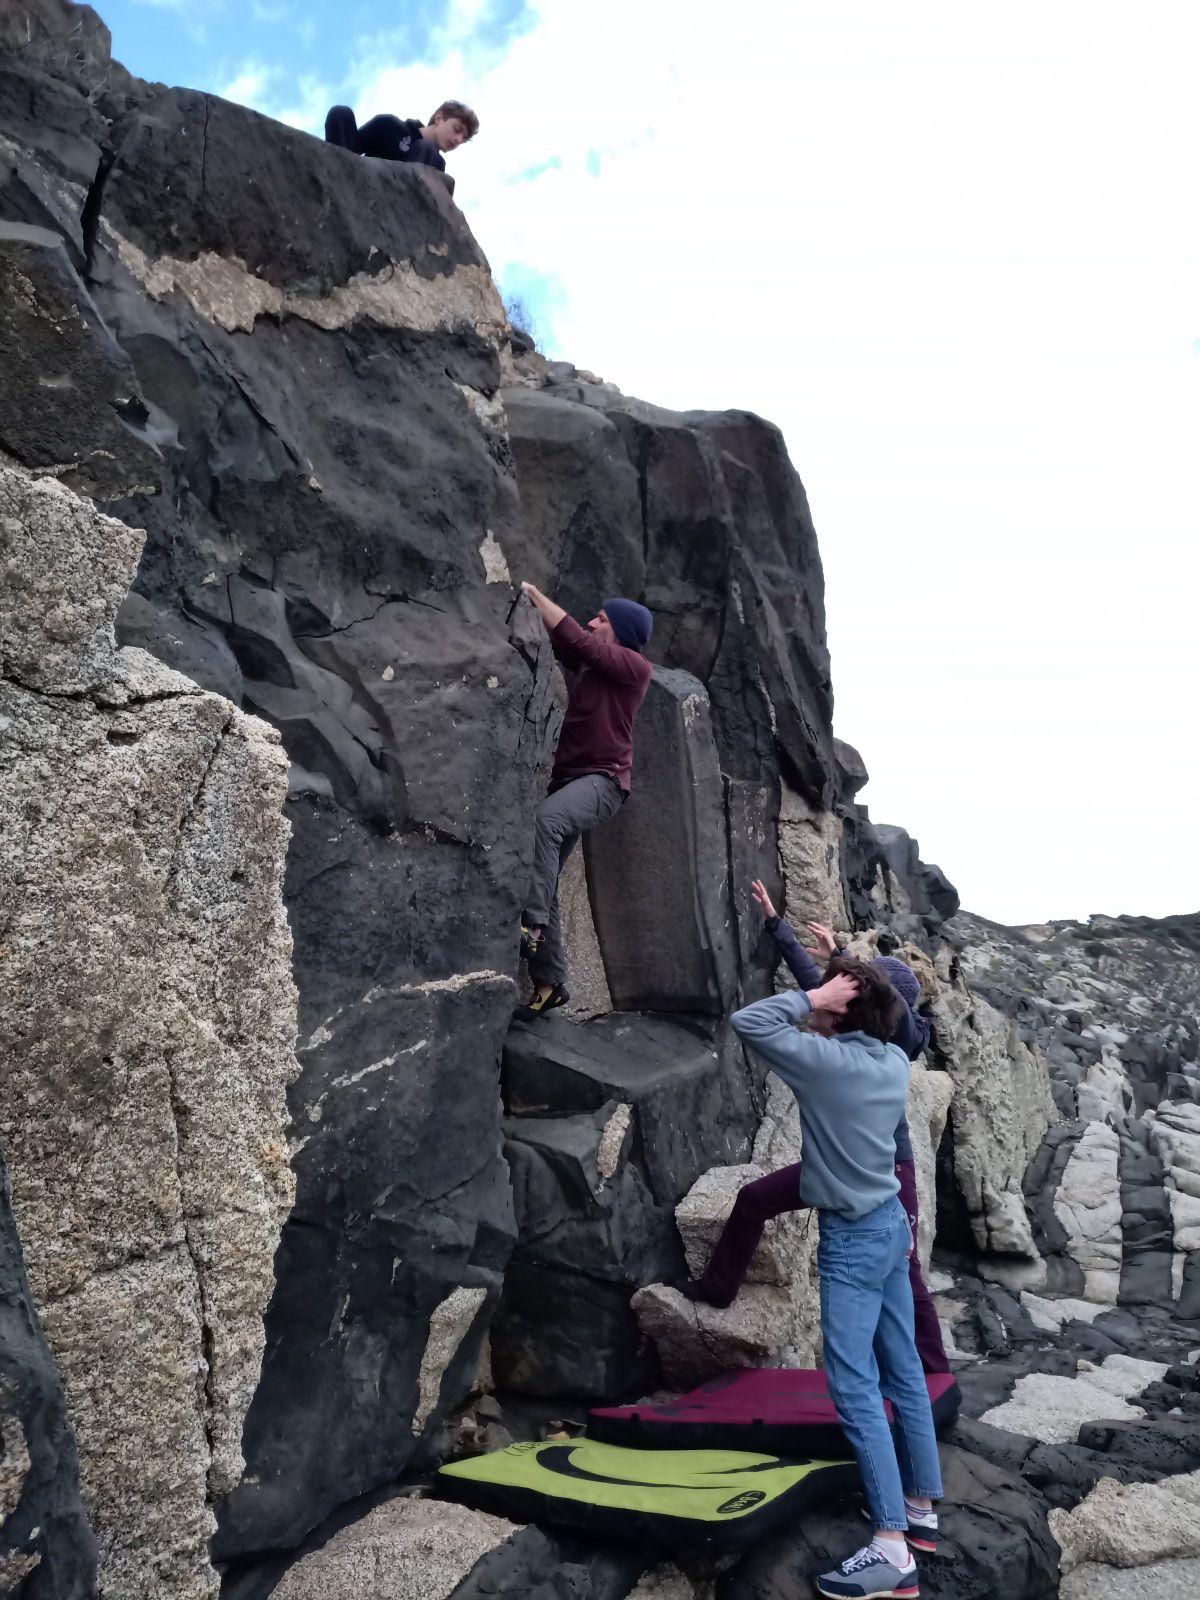 Un jour, a villasimius, en Sardaigne, tout le monde était réuni au pied d'un mur d'escalade. Un endroit exceptionnel paraît il. Parait il, parce que ce jour là, j'étais resté au bateau. Et ce jour là, dans cet endroit exceptionnel, dans ce cadre de grimpe avec la mer en décor, Julien s'est fait mal. Un gros bloc de rocher s'est décroché. Tombant sur sa cuisse.  Ben voilà, je n'etais pas la pour veiller sur eux.Il parait que c'est 10 secondes après cette photo que Julien est tombé quand le gros bloc s'est décroché ....